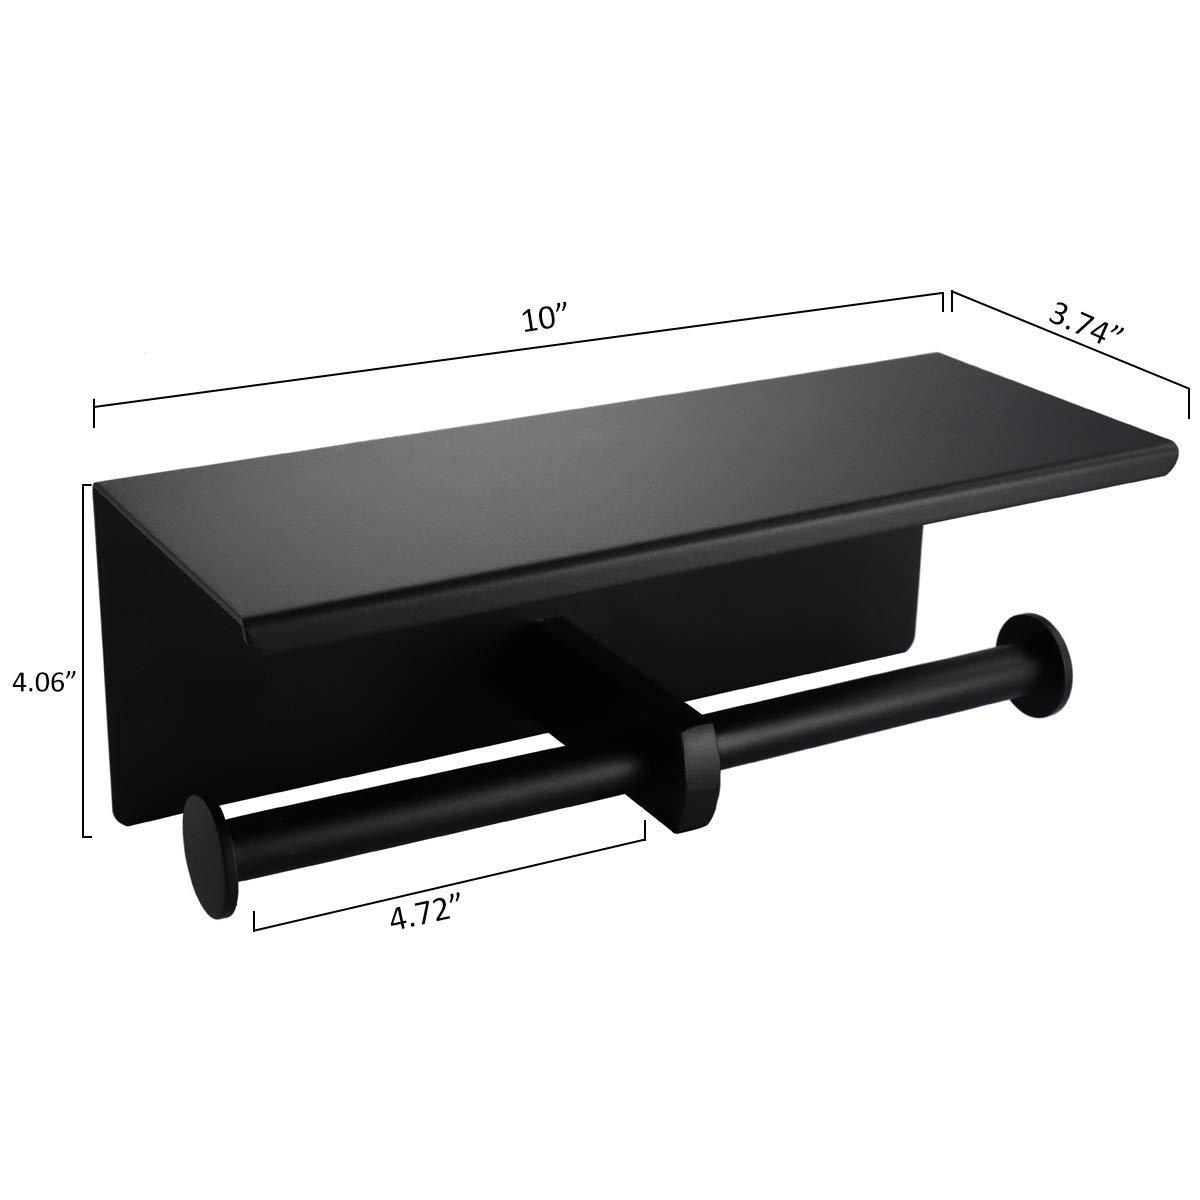 Portarrollos de papel higi/énico de doble rollo color negro mate Weaverbird acero inoxidable SUS304 con estante de almacenamiento para tel/éfono m/óvil